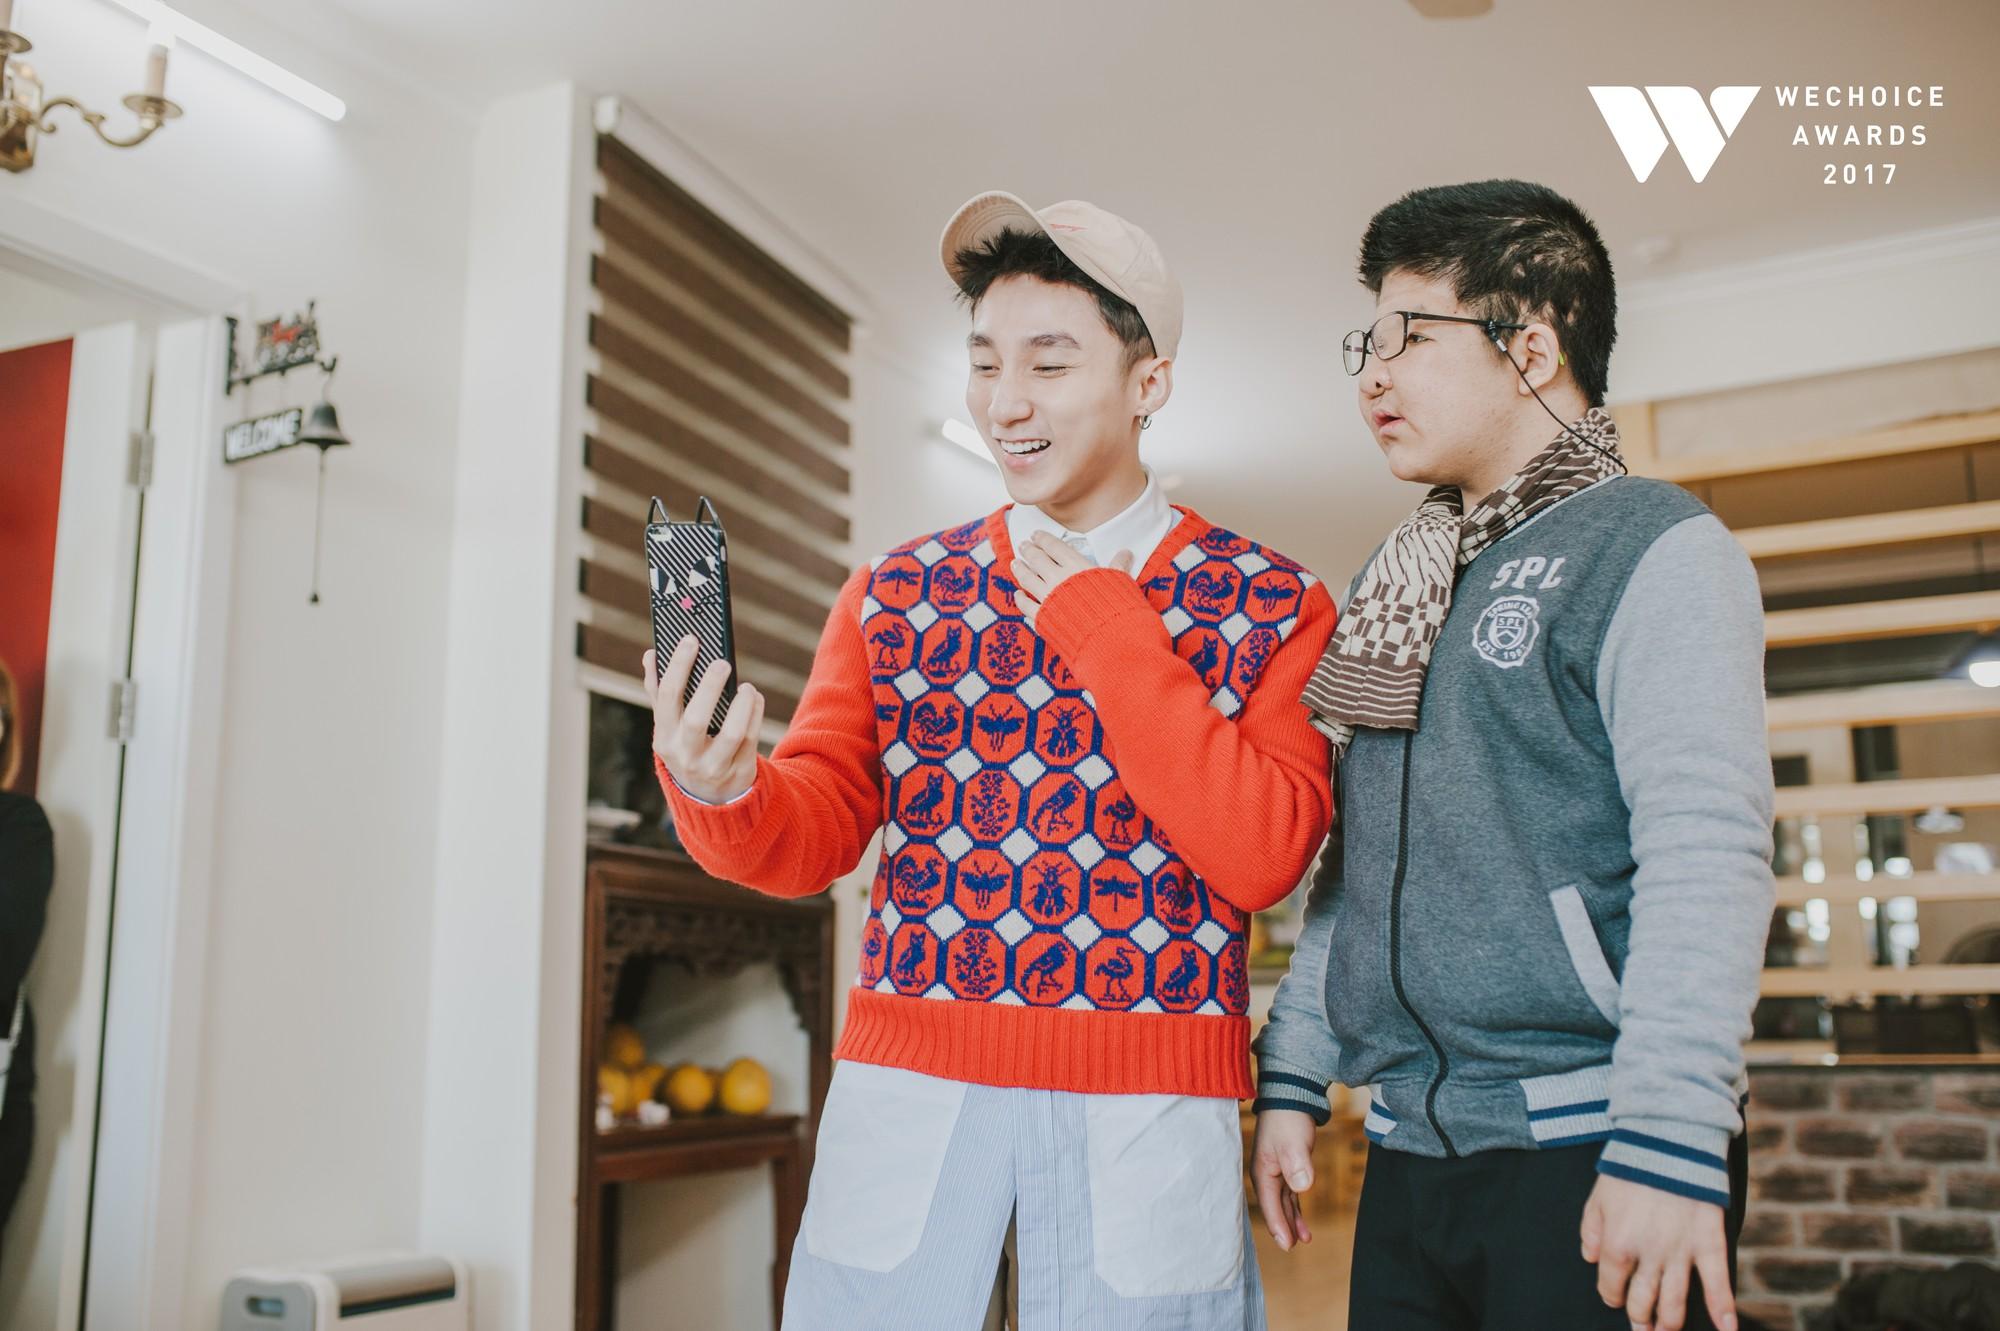 Khoảnh khắc đẹp: Sơn Tùng và bé Bôm hoà chung đam mê qua tiếng đàn, tập luyện cho sân khấu đặc biệt Gala WeChoice Awards 2017 - Ảnh 11.